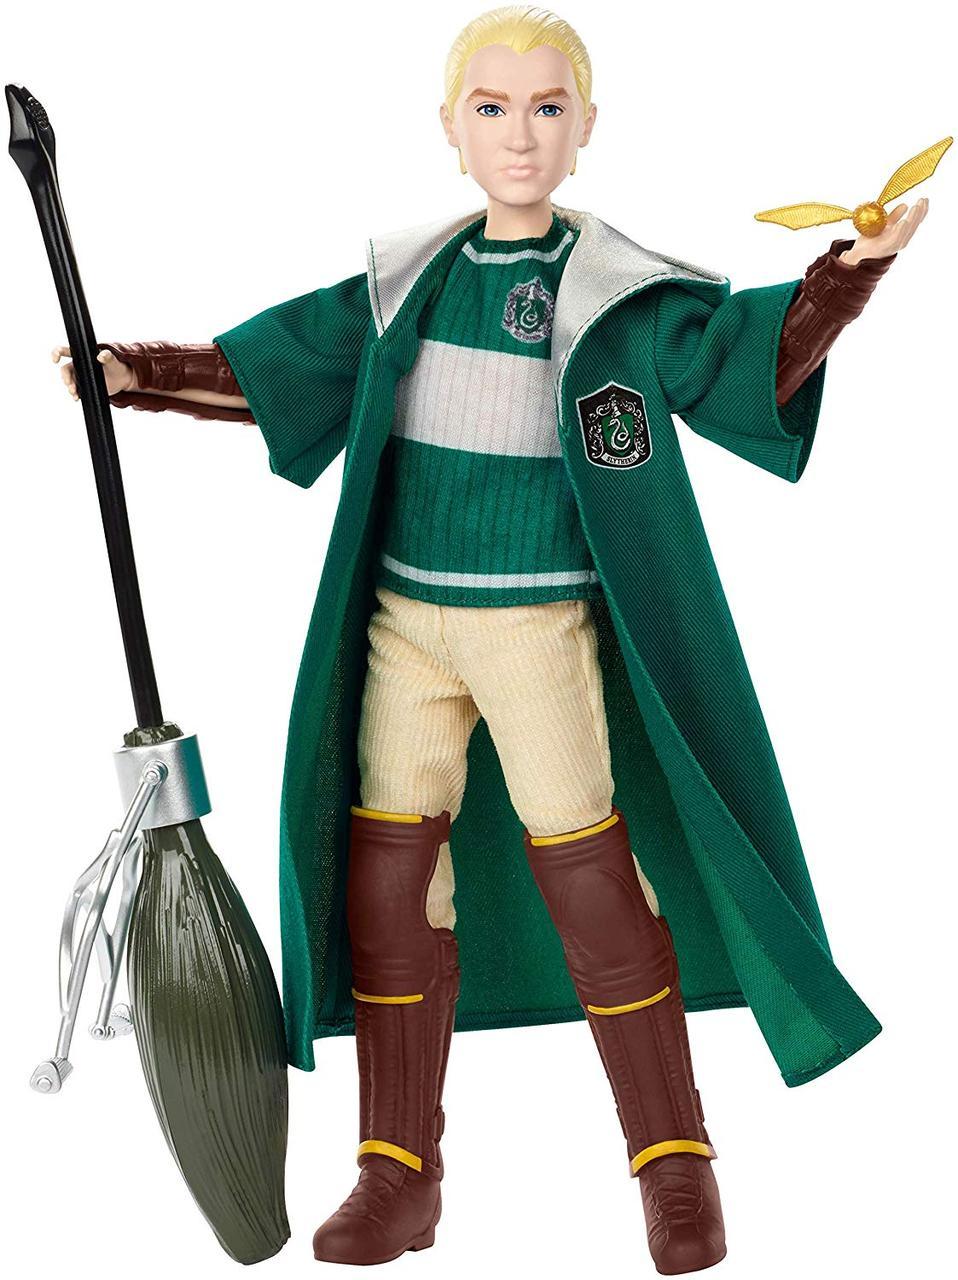 Кукла Драко Малфой Квиддич Гарри Поттер Harry Potter Quidditch Draco Malfoy философский камень Малфоя